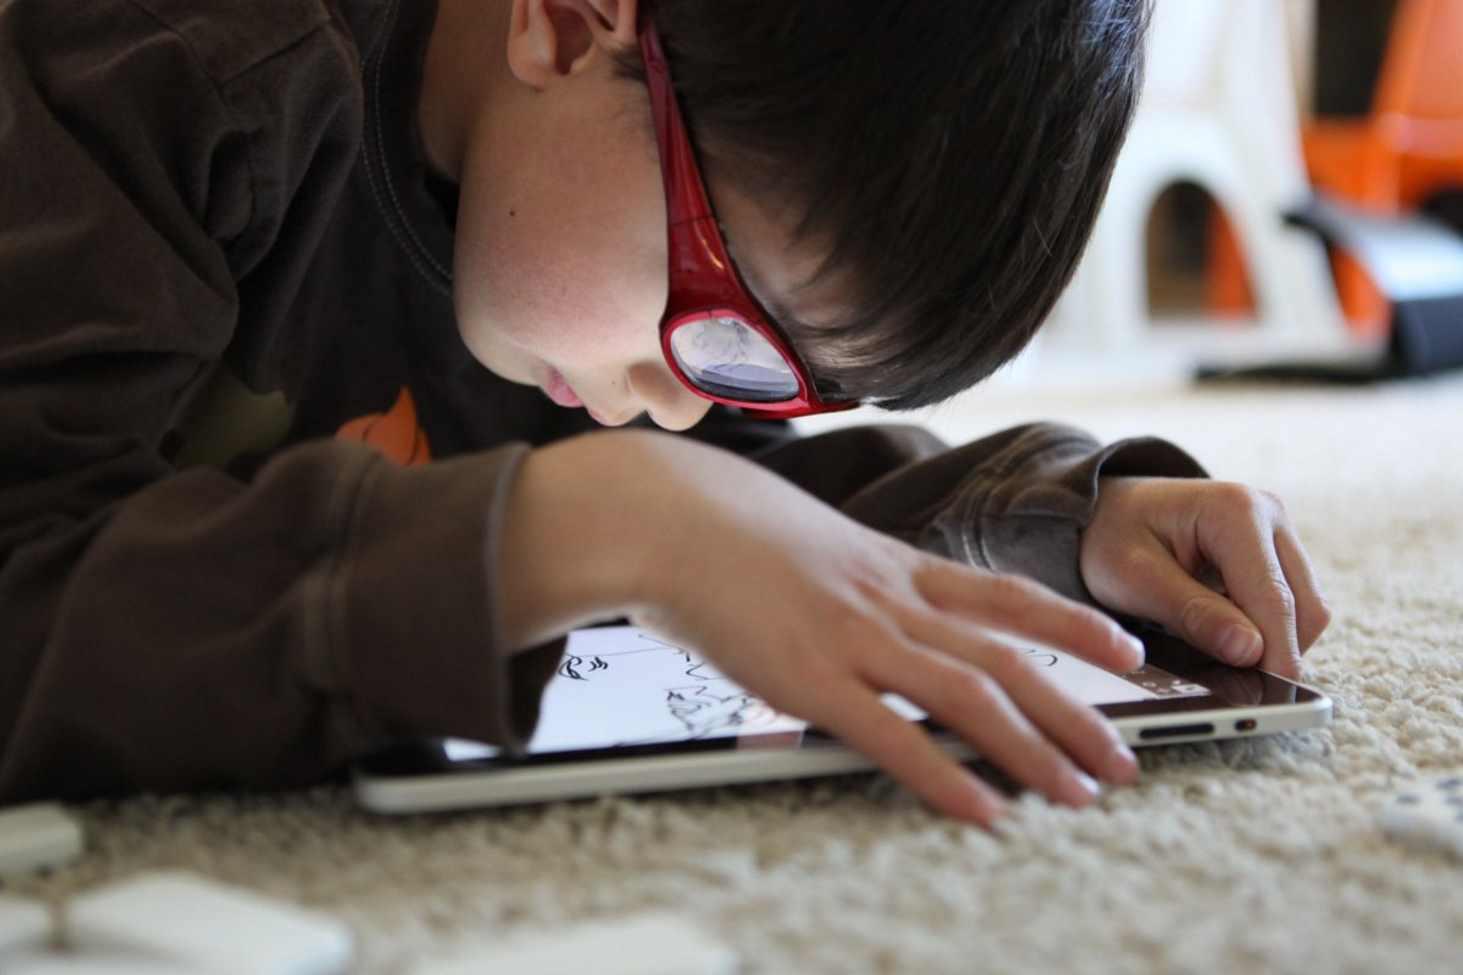 glavnyj-detskij-oftalmolog-prizvala-ogranichivat-shkolnikov-v-ispolzovanii-gadzhetov